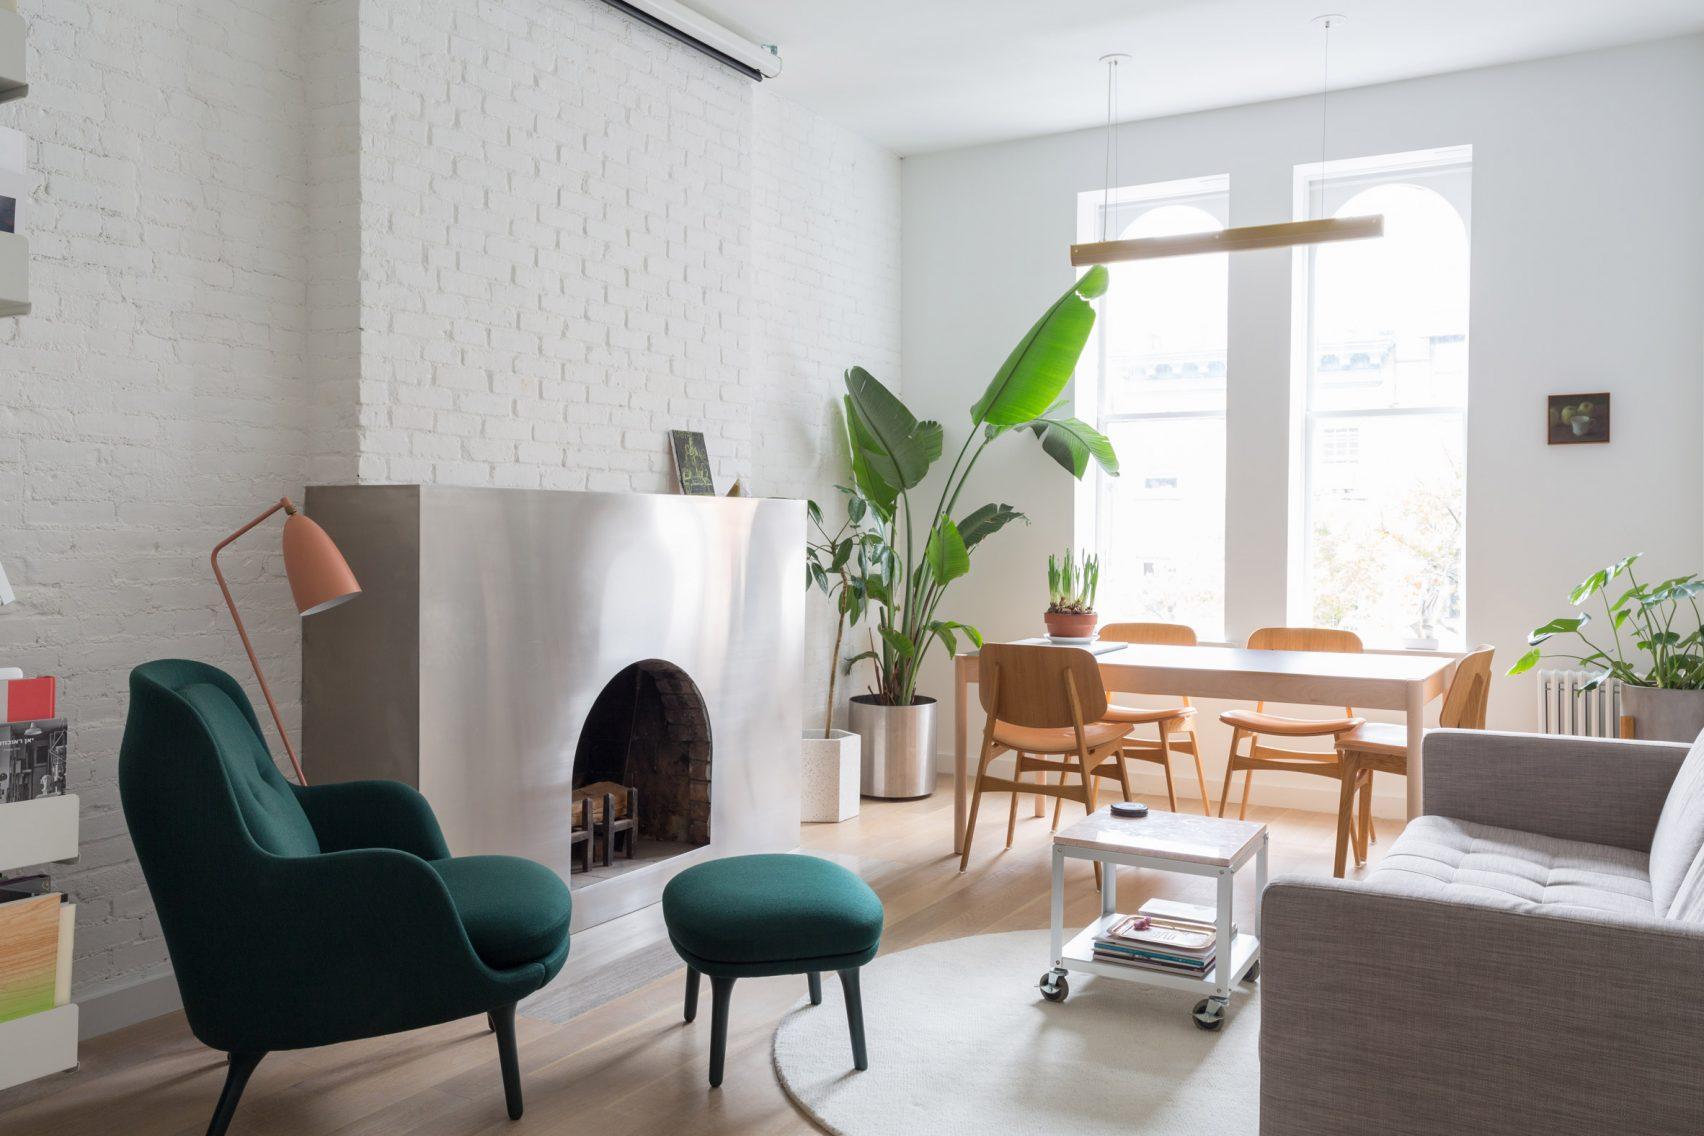 Как снять хорошую квартиру, если у вас маленький бюджет?